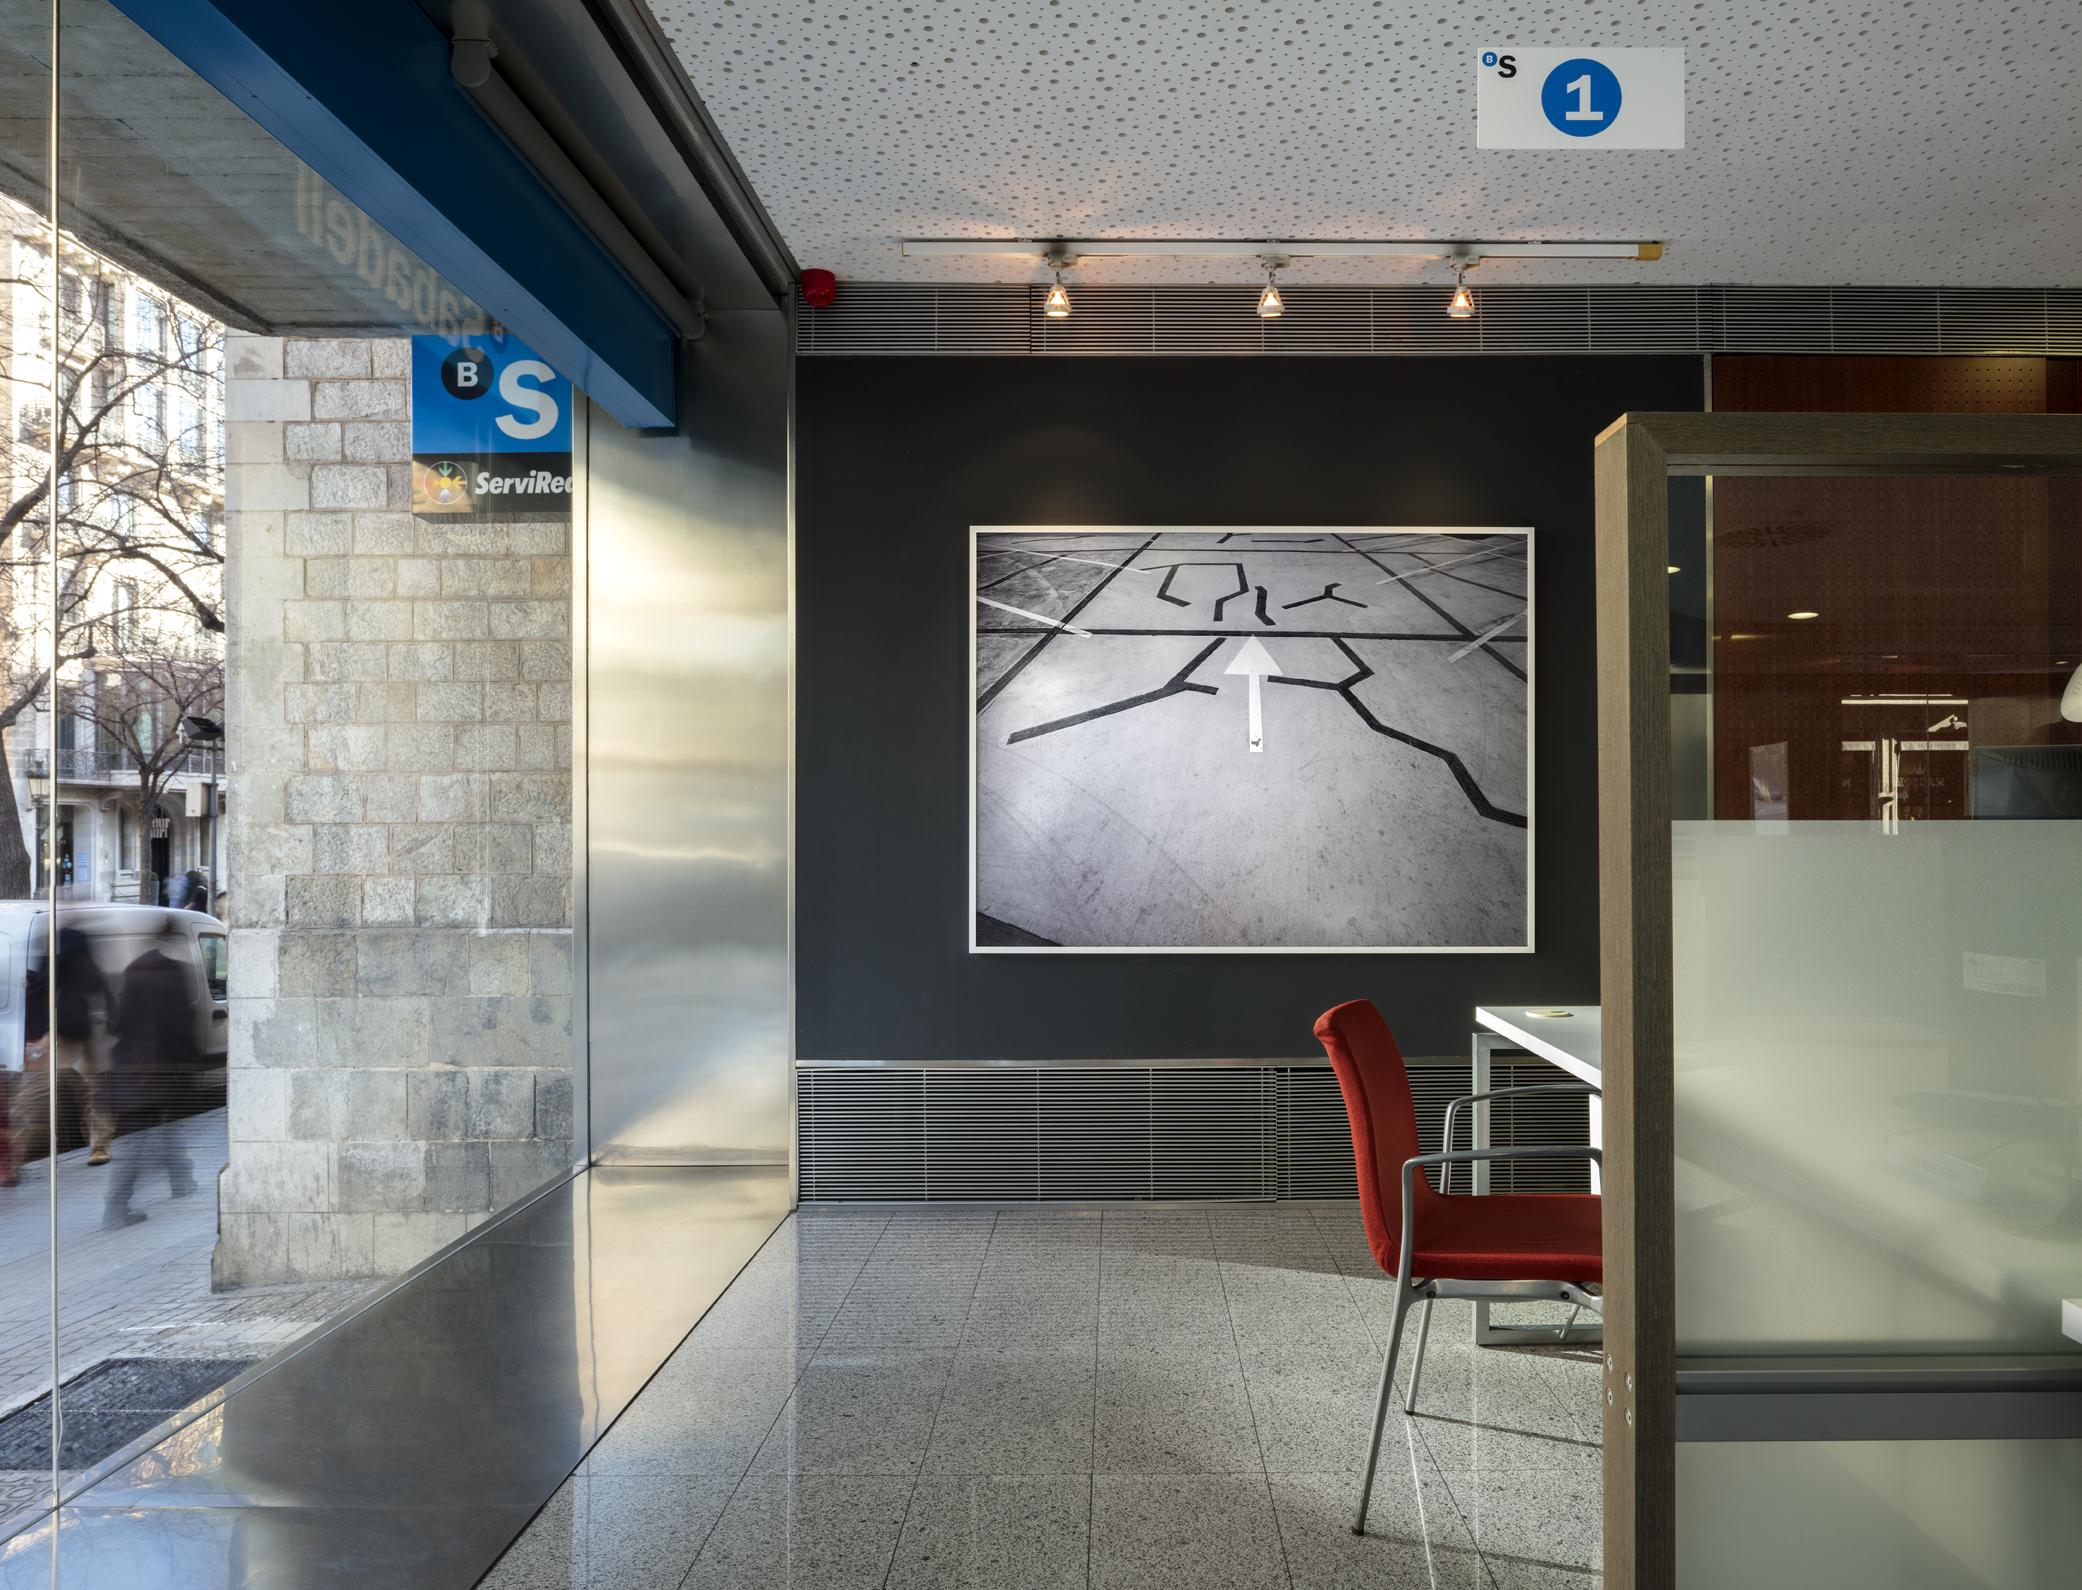 Oficinas Banc Sabadell.    ©Luis Casals